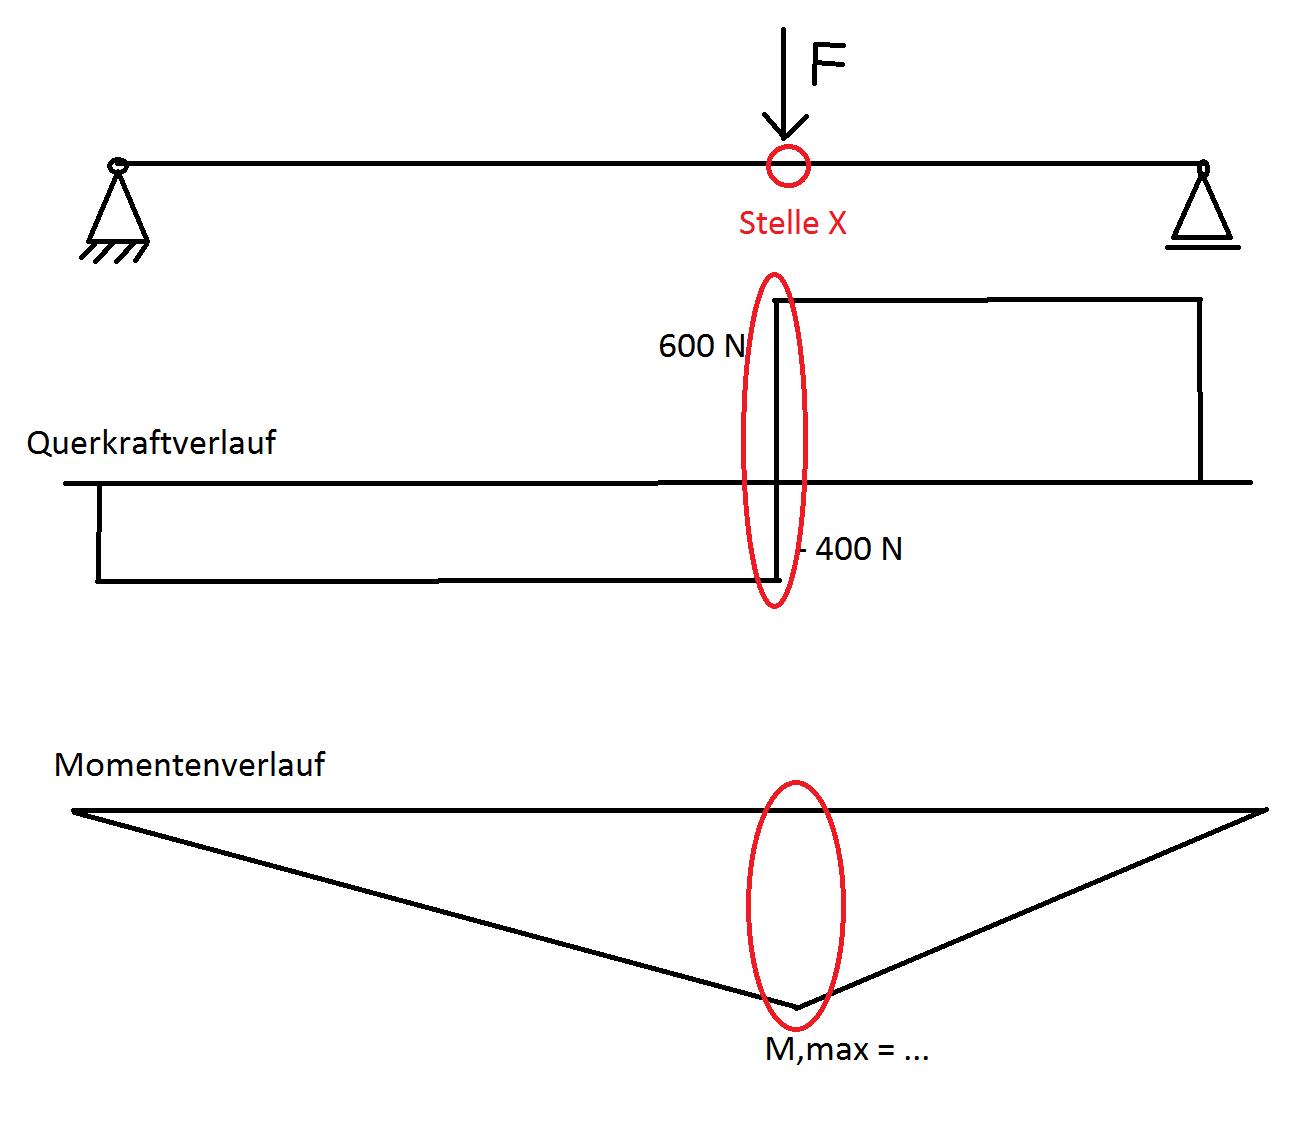 Querkraft an stelle x wie hoch scherspannung statik for Streckenlast berechnen